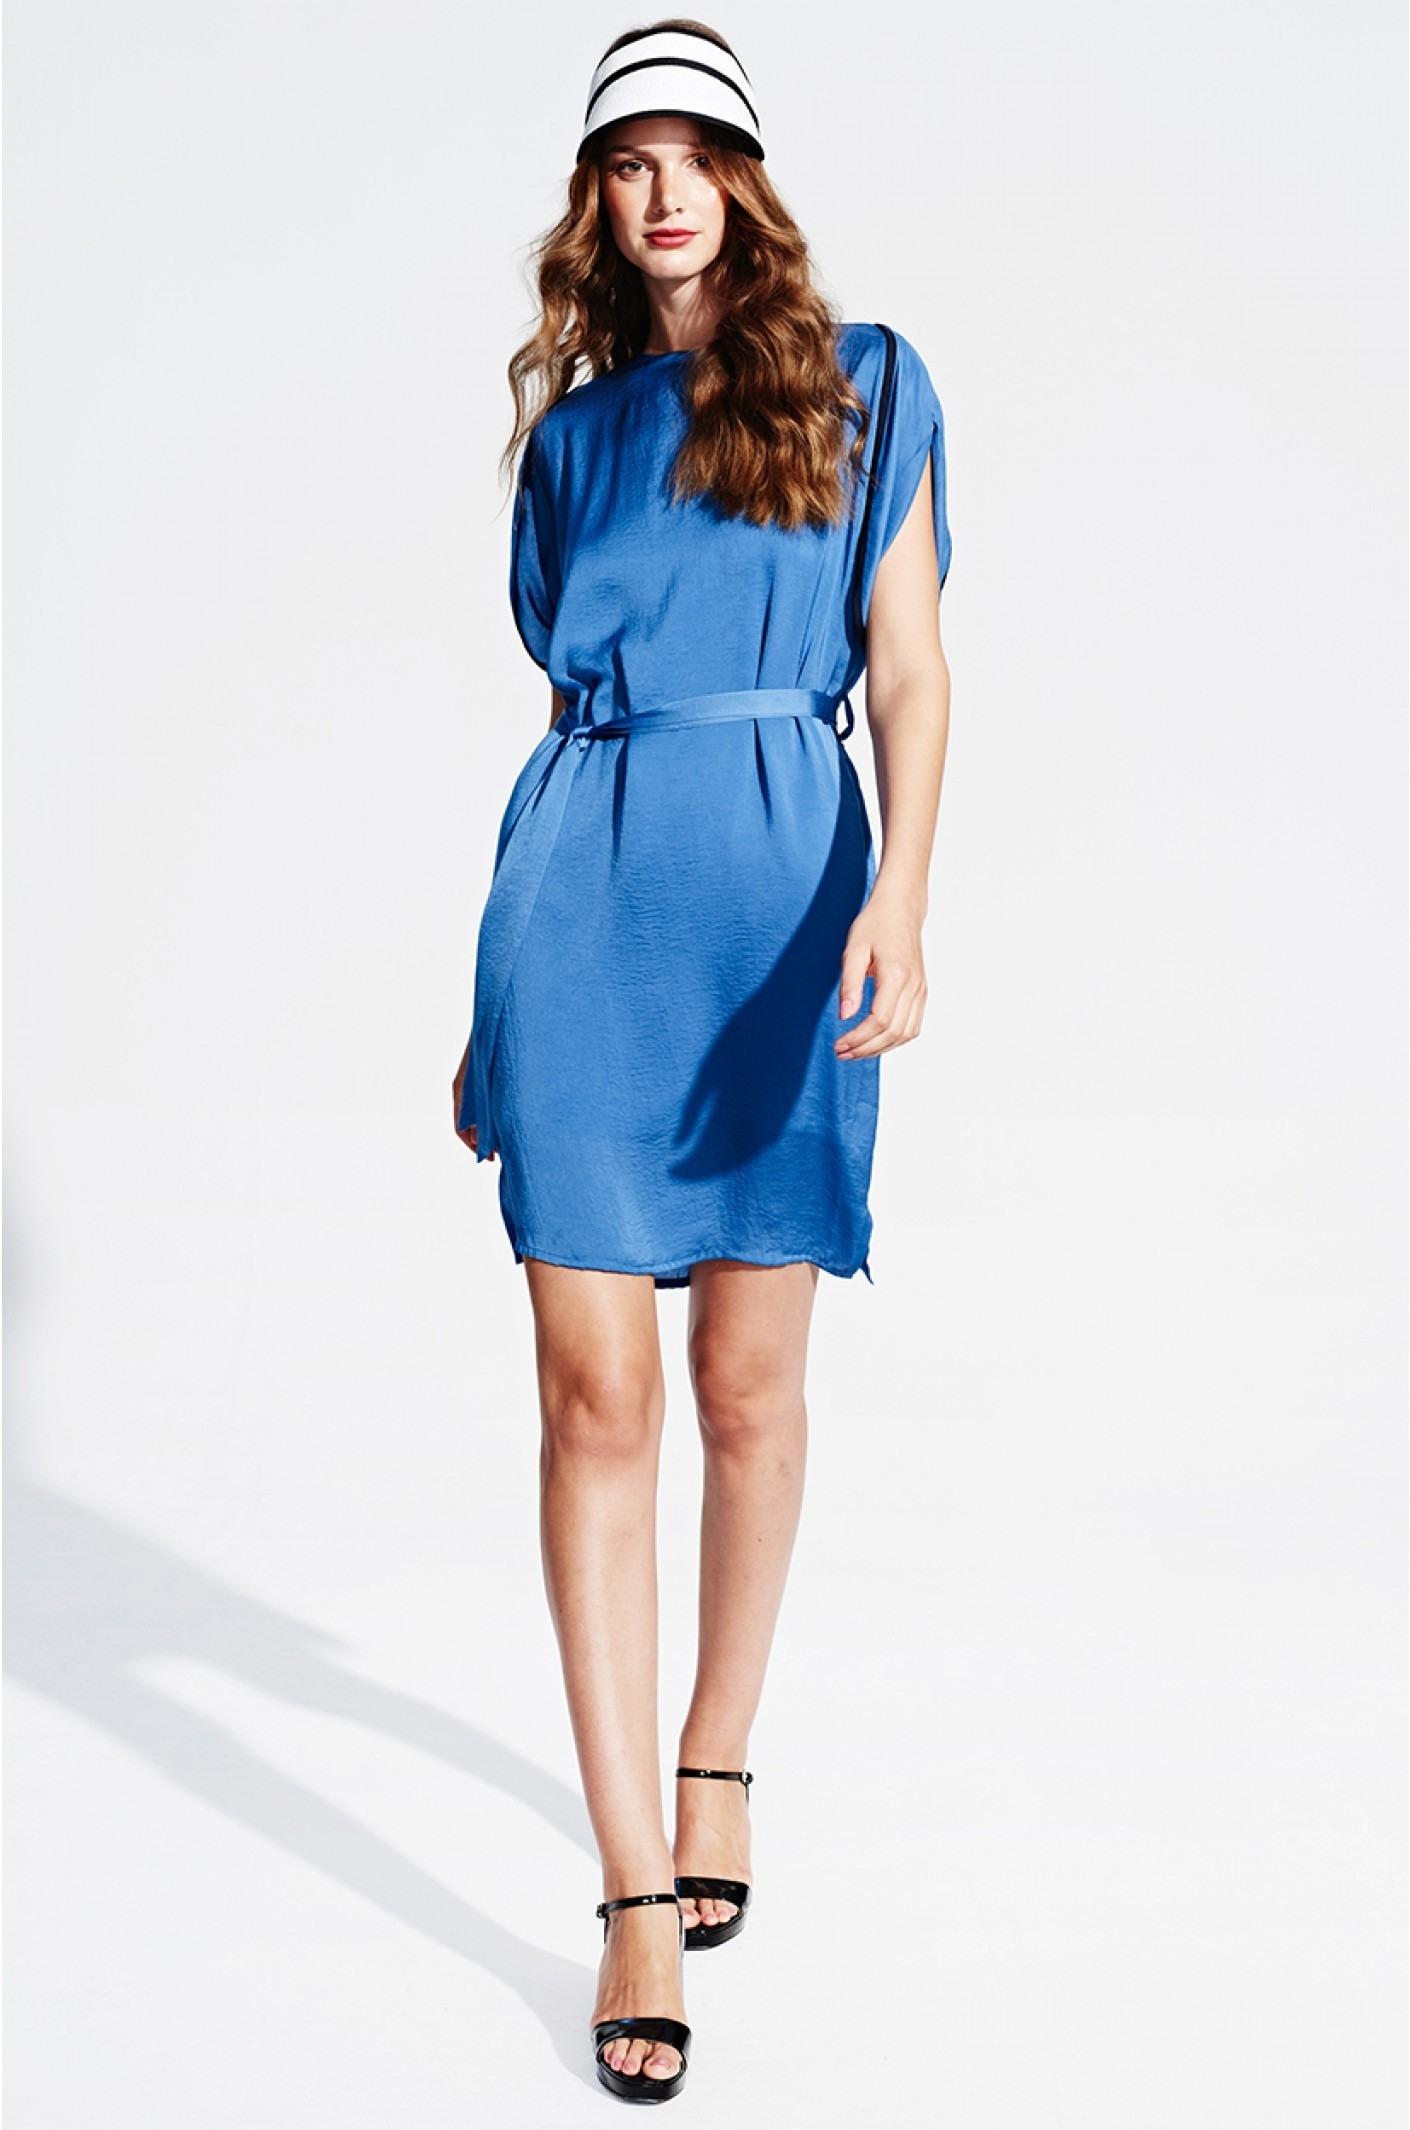 20 Cool Blaues Kleid Vertrieb10 Genial Blaues Kleid Ärmel